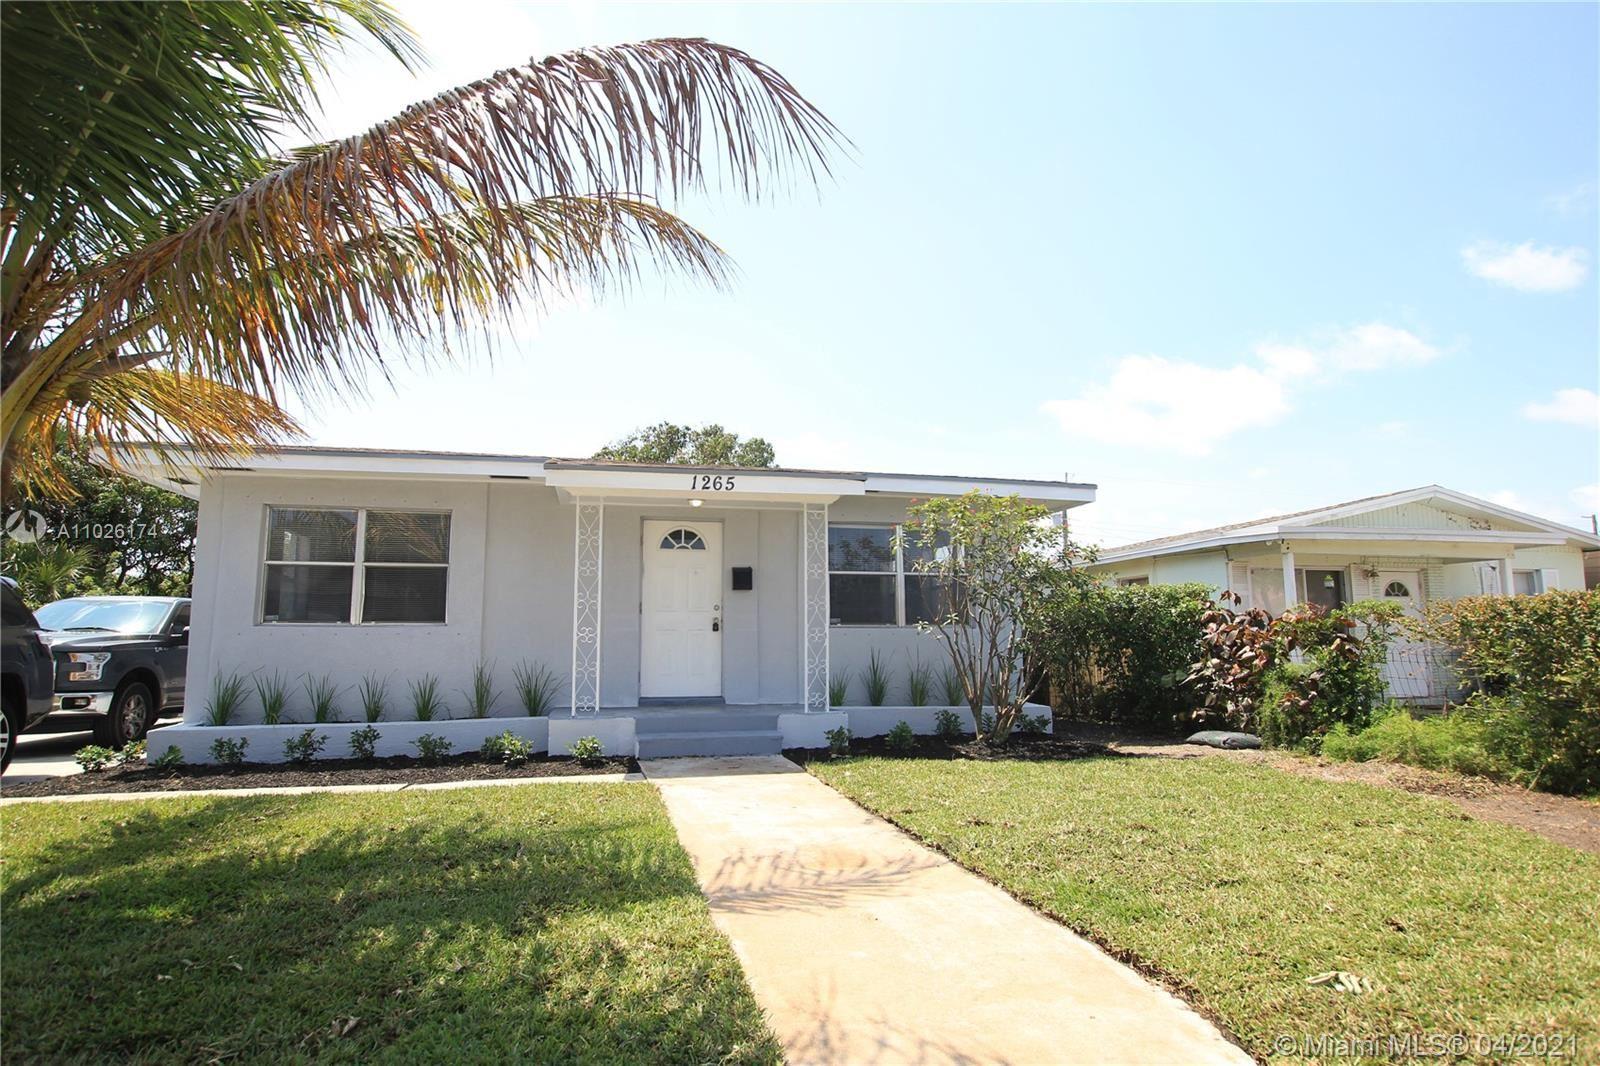 Photo of 1265 W 32nd St, Riviera Beach, FL 33404 (MLS # A11026174)